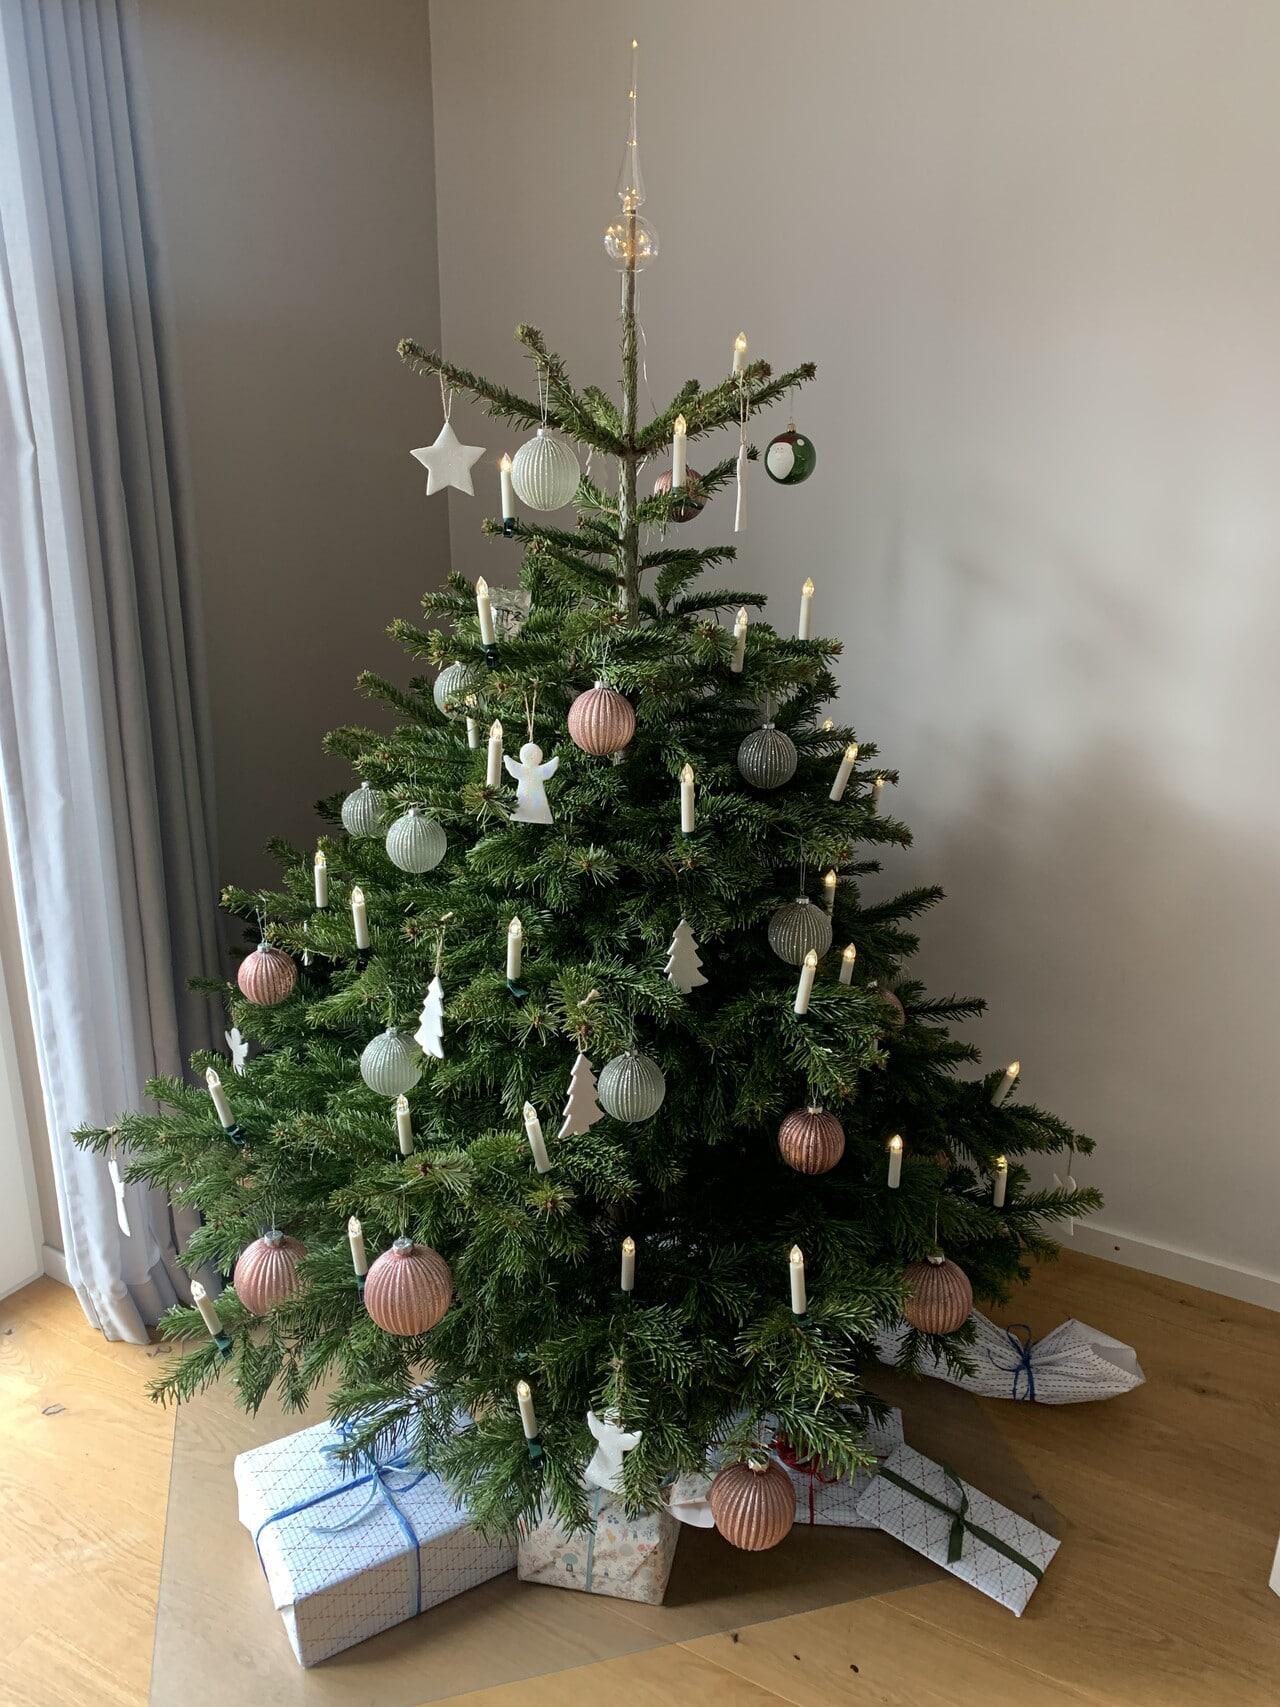 Weihnachtsbaum mit kabelloser LED-Beleuchtung